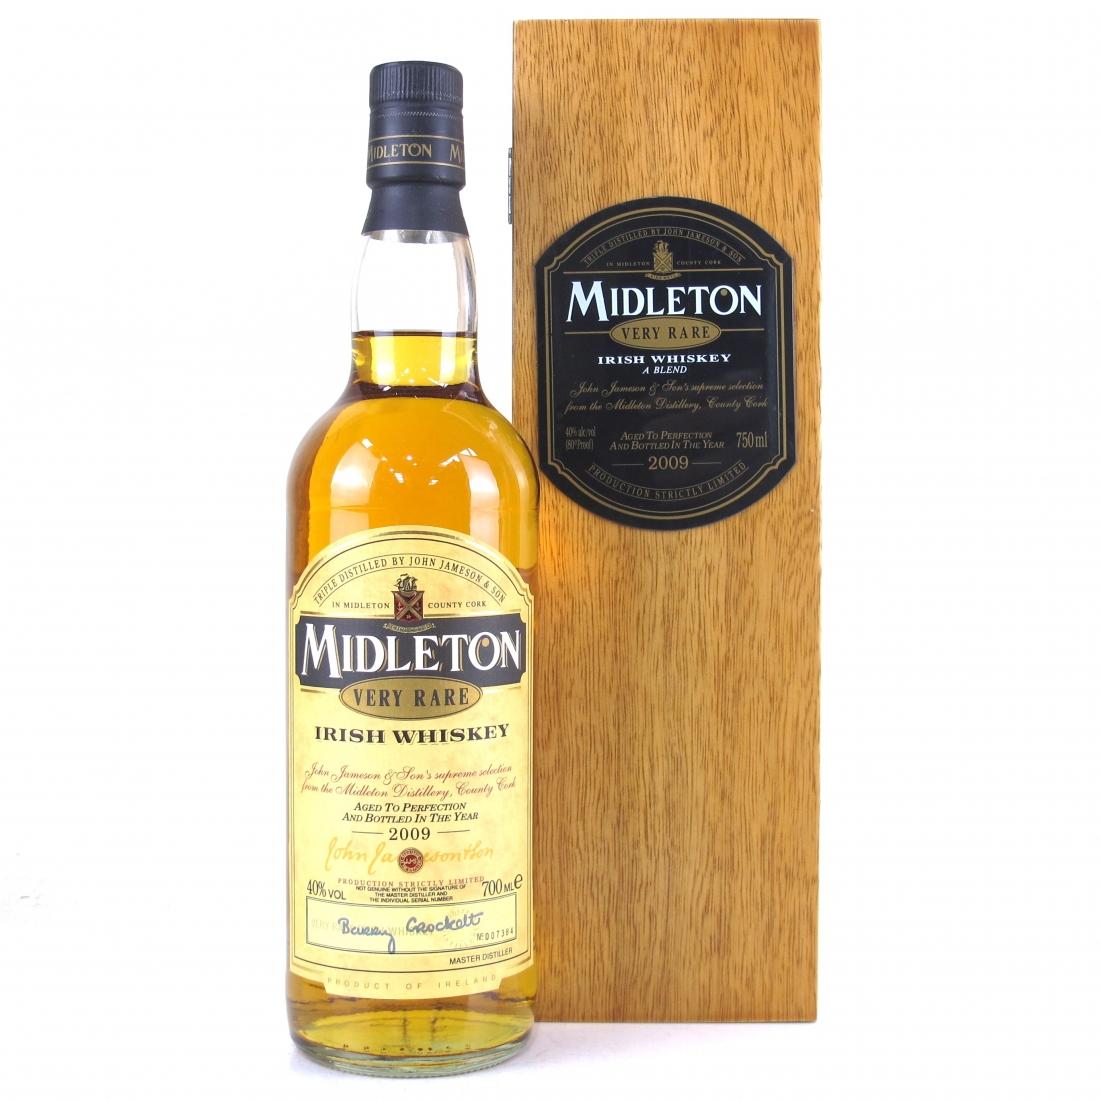 Midleton Very Rare 2009 Edition